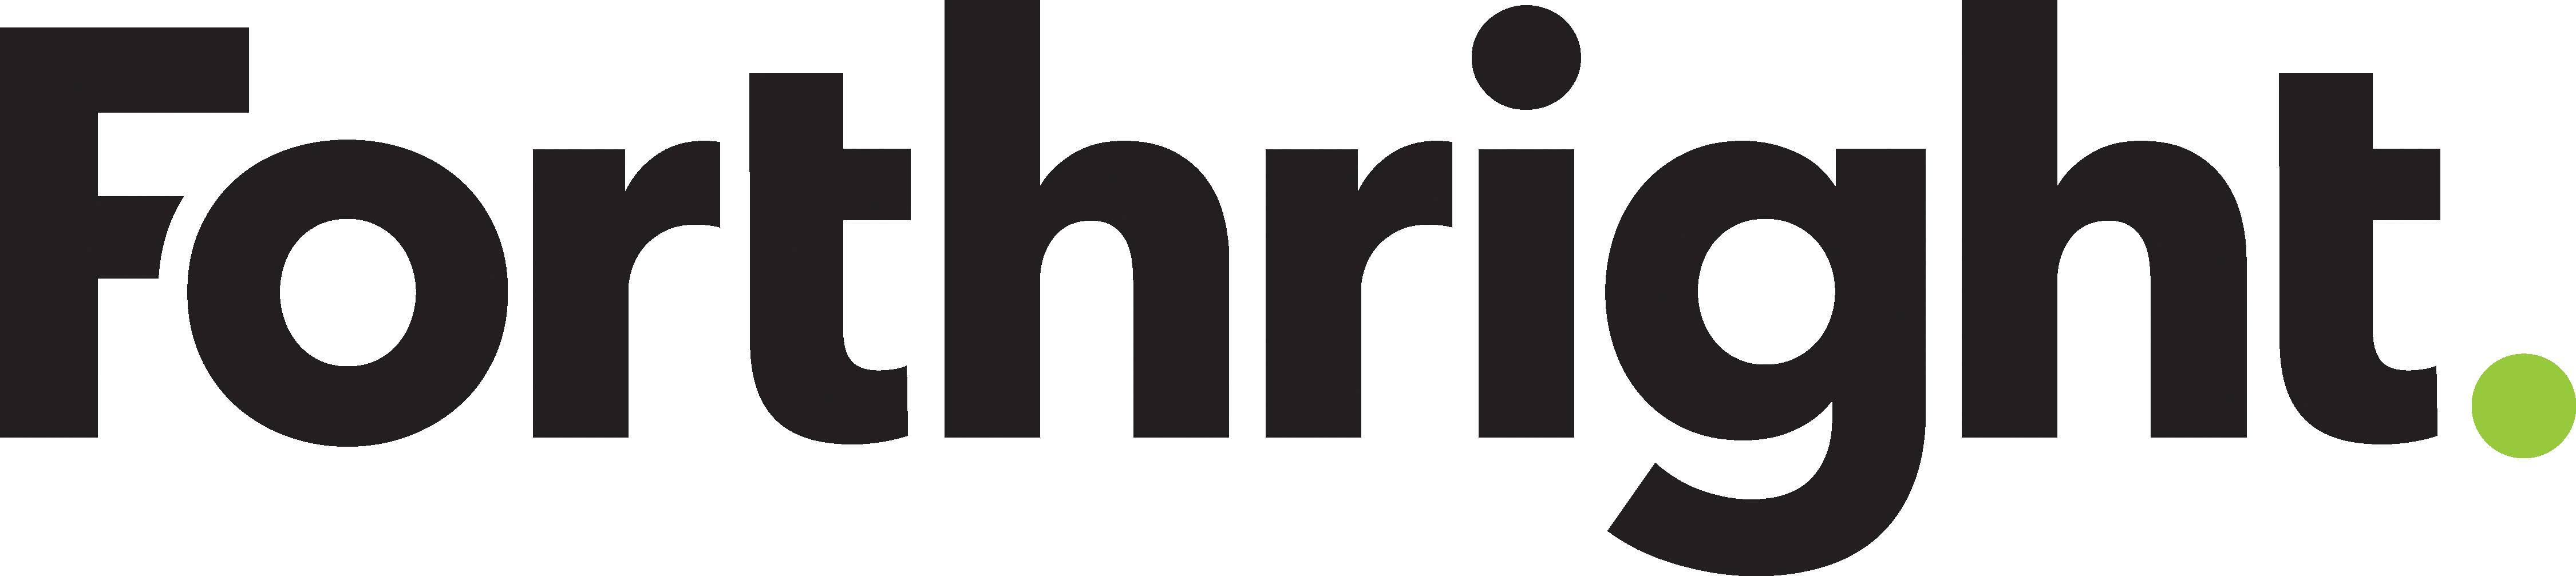 Appsense logo